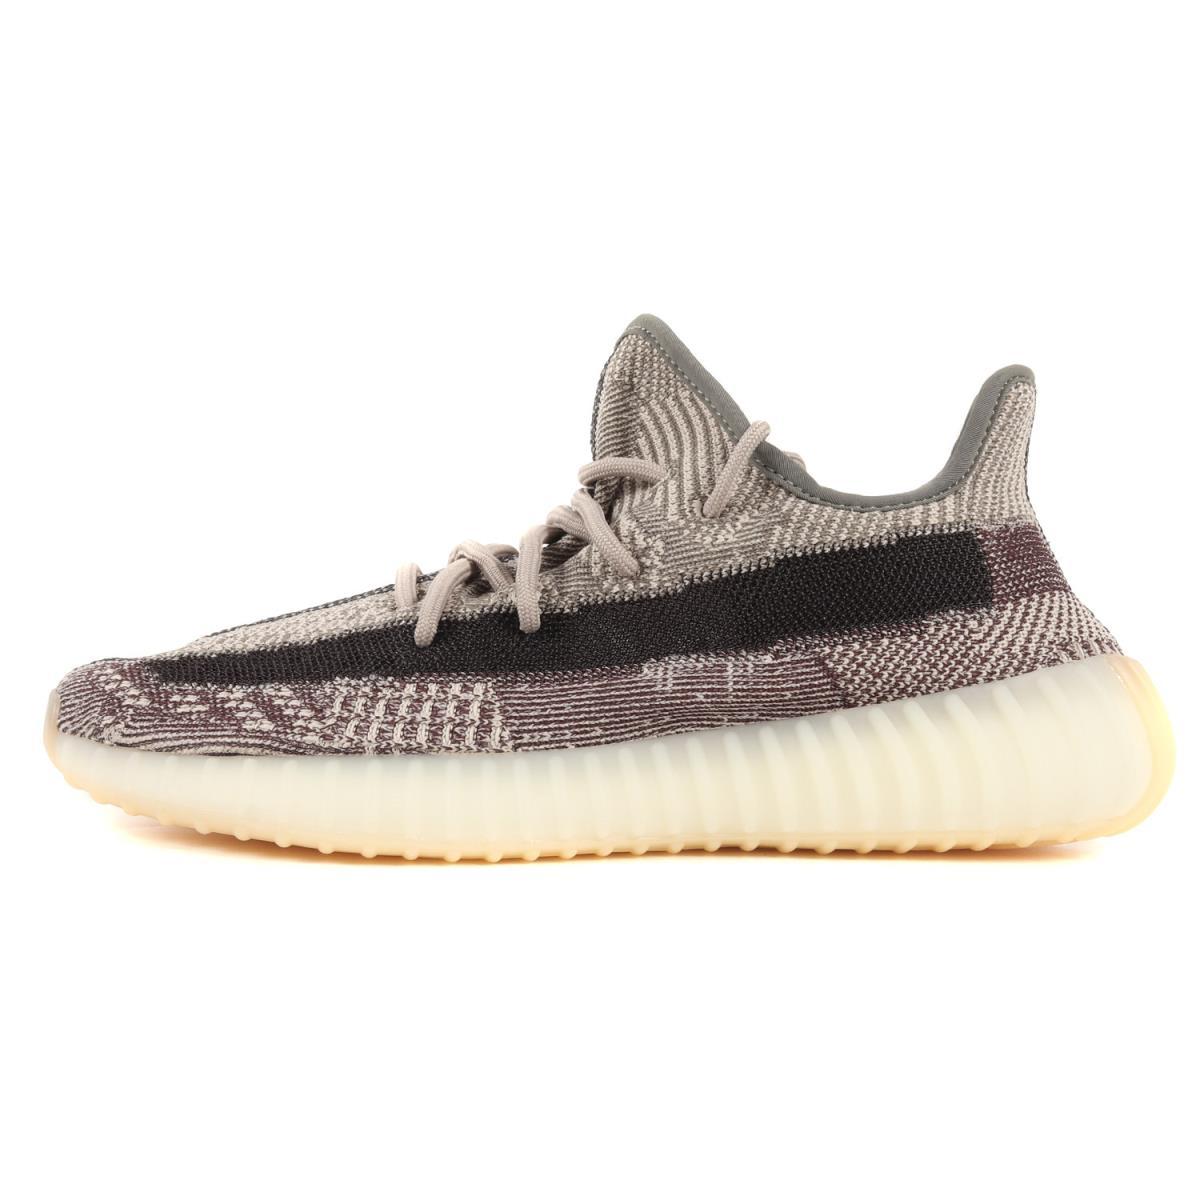 メンズ靴, スニーカー adidas YEEZY BOOST 350 V2 ZYON FZ1267 20SS US8.5(26.5cm) K3086